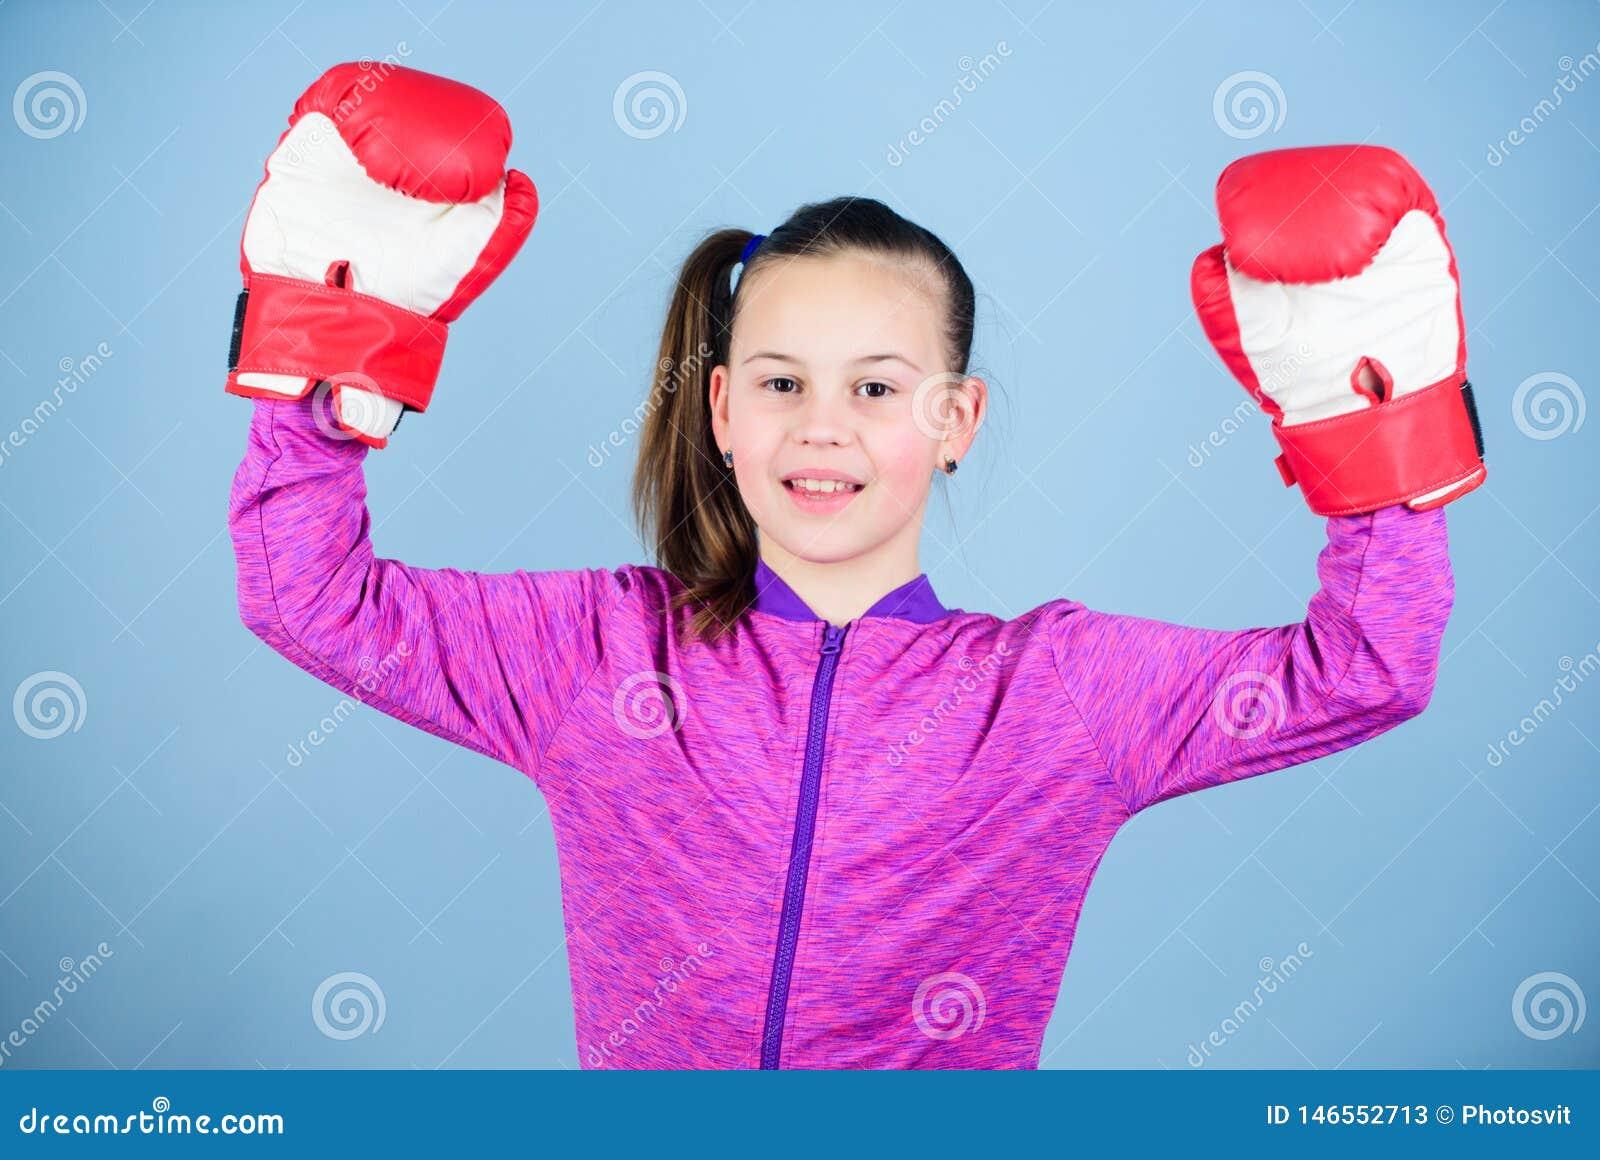 Απόλαυση από τον αθλητισμό Θηλυκός μπόξερ Αθλητική ανατροφή Ο εγκιβωτισμός παρέχει την ακριβή πειθαρχία Χαριτωμένος μπόξερ κοριτσ